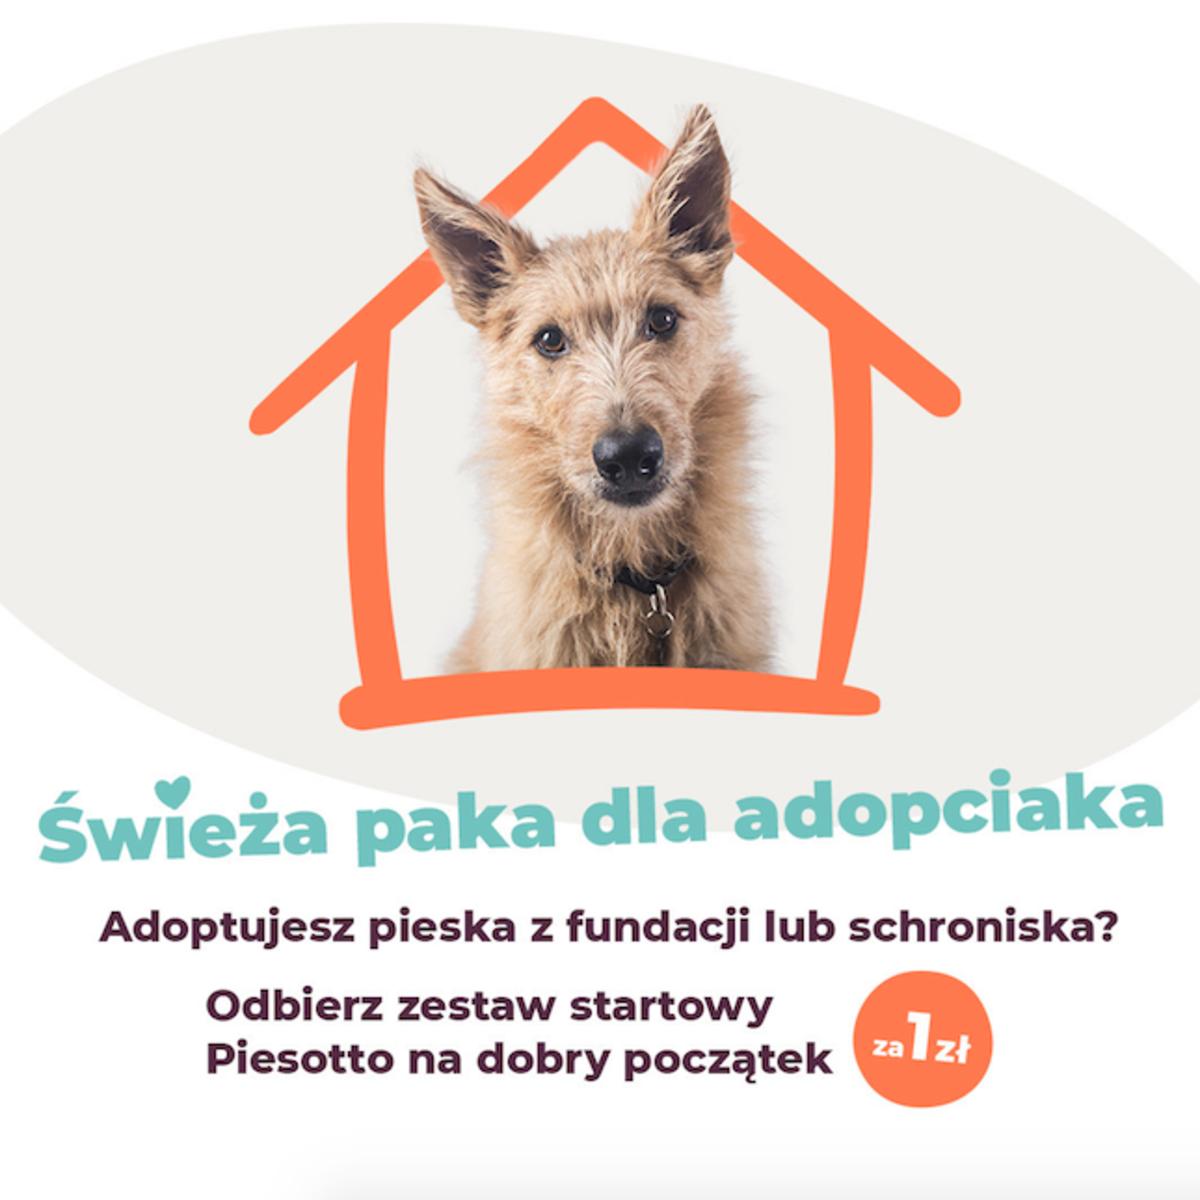 Piesotto, Psi catering czyli dieta pudełkowa dla psa. Ile to kosztuje? Czy warto się zdecydować?